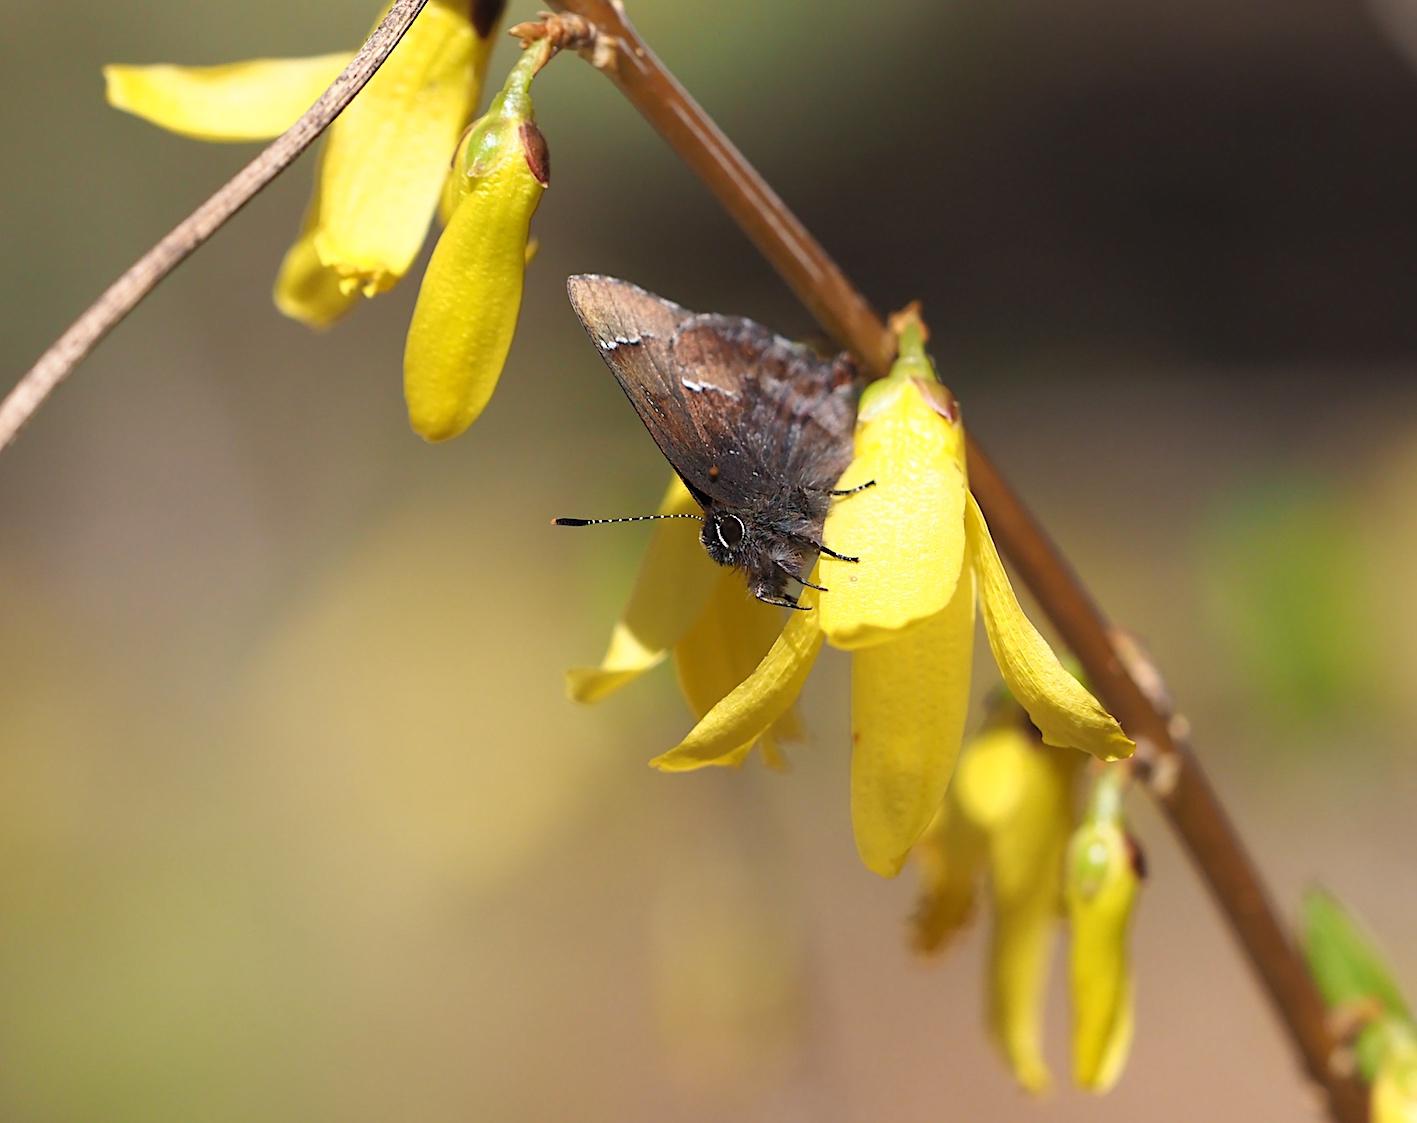 アセビにくる蝶たち、コツバメ(2019年3月27日)_d0303129_14185871.jpg